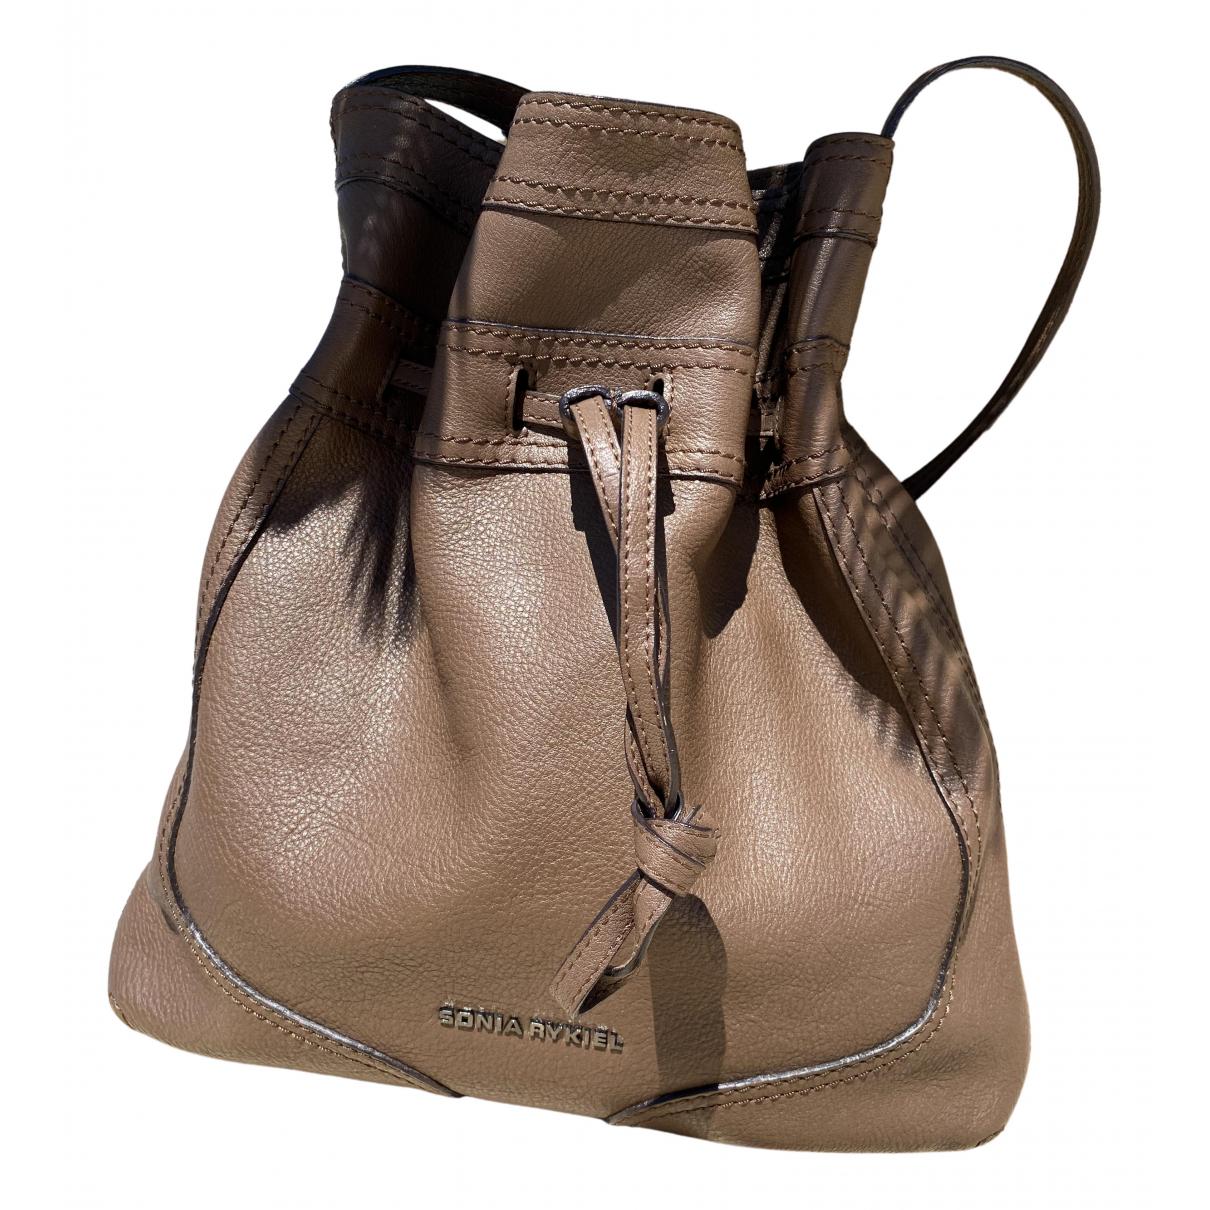 Sonia Rykiel N Brown Leather handbag for Women N